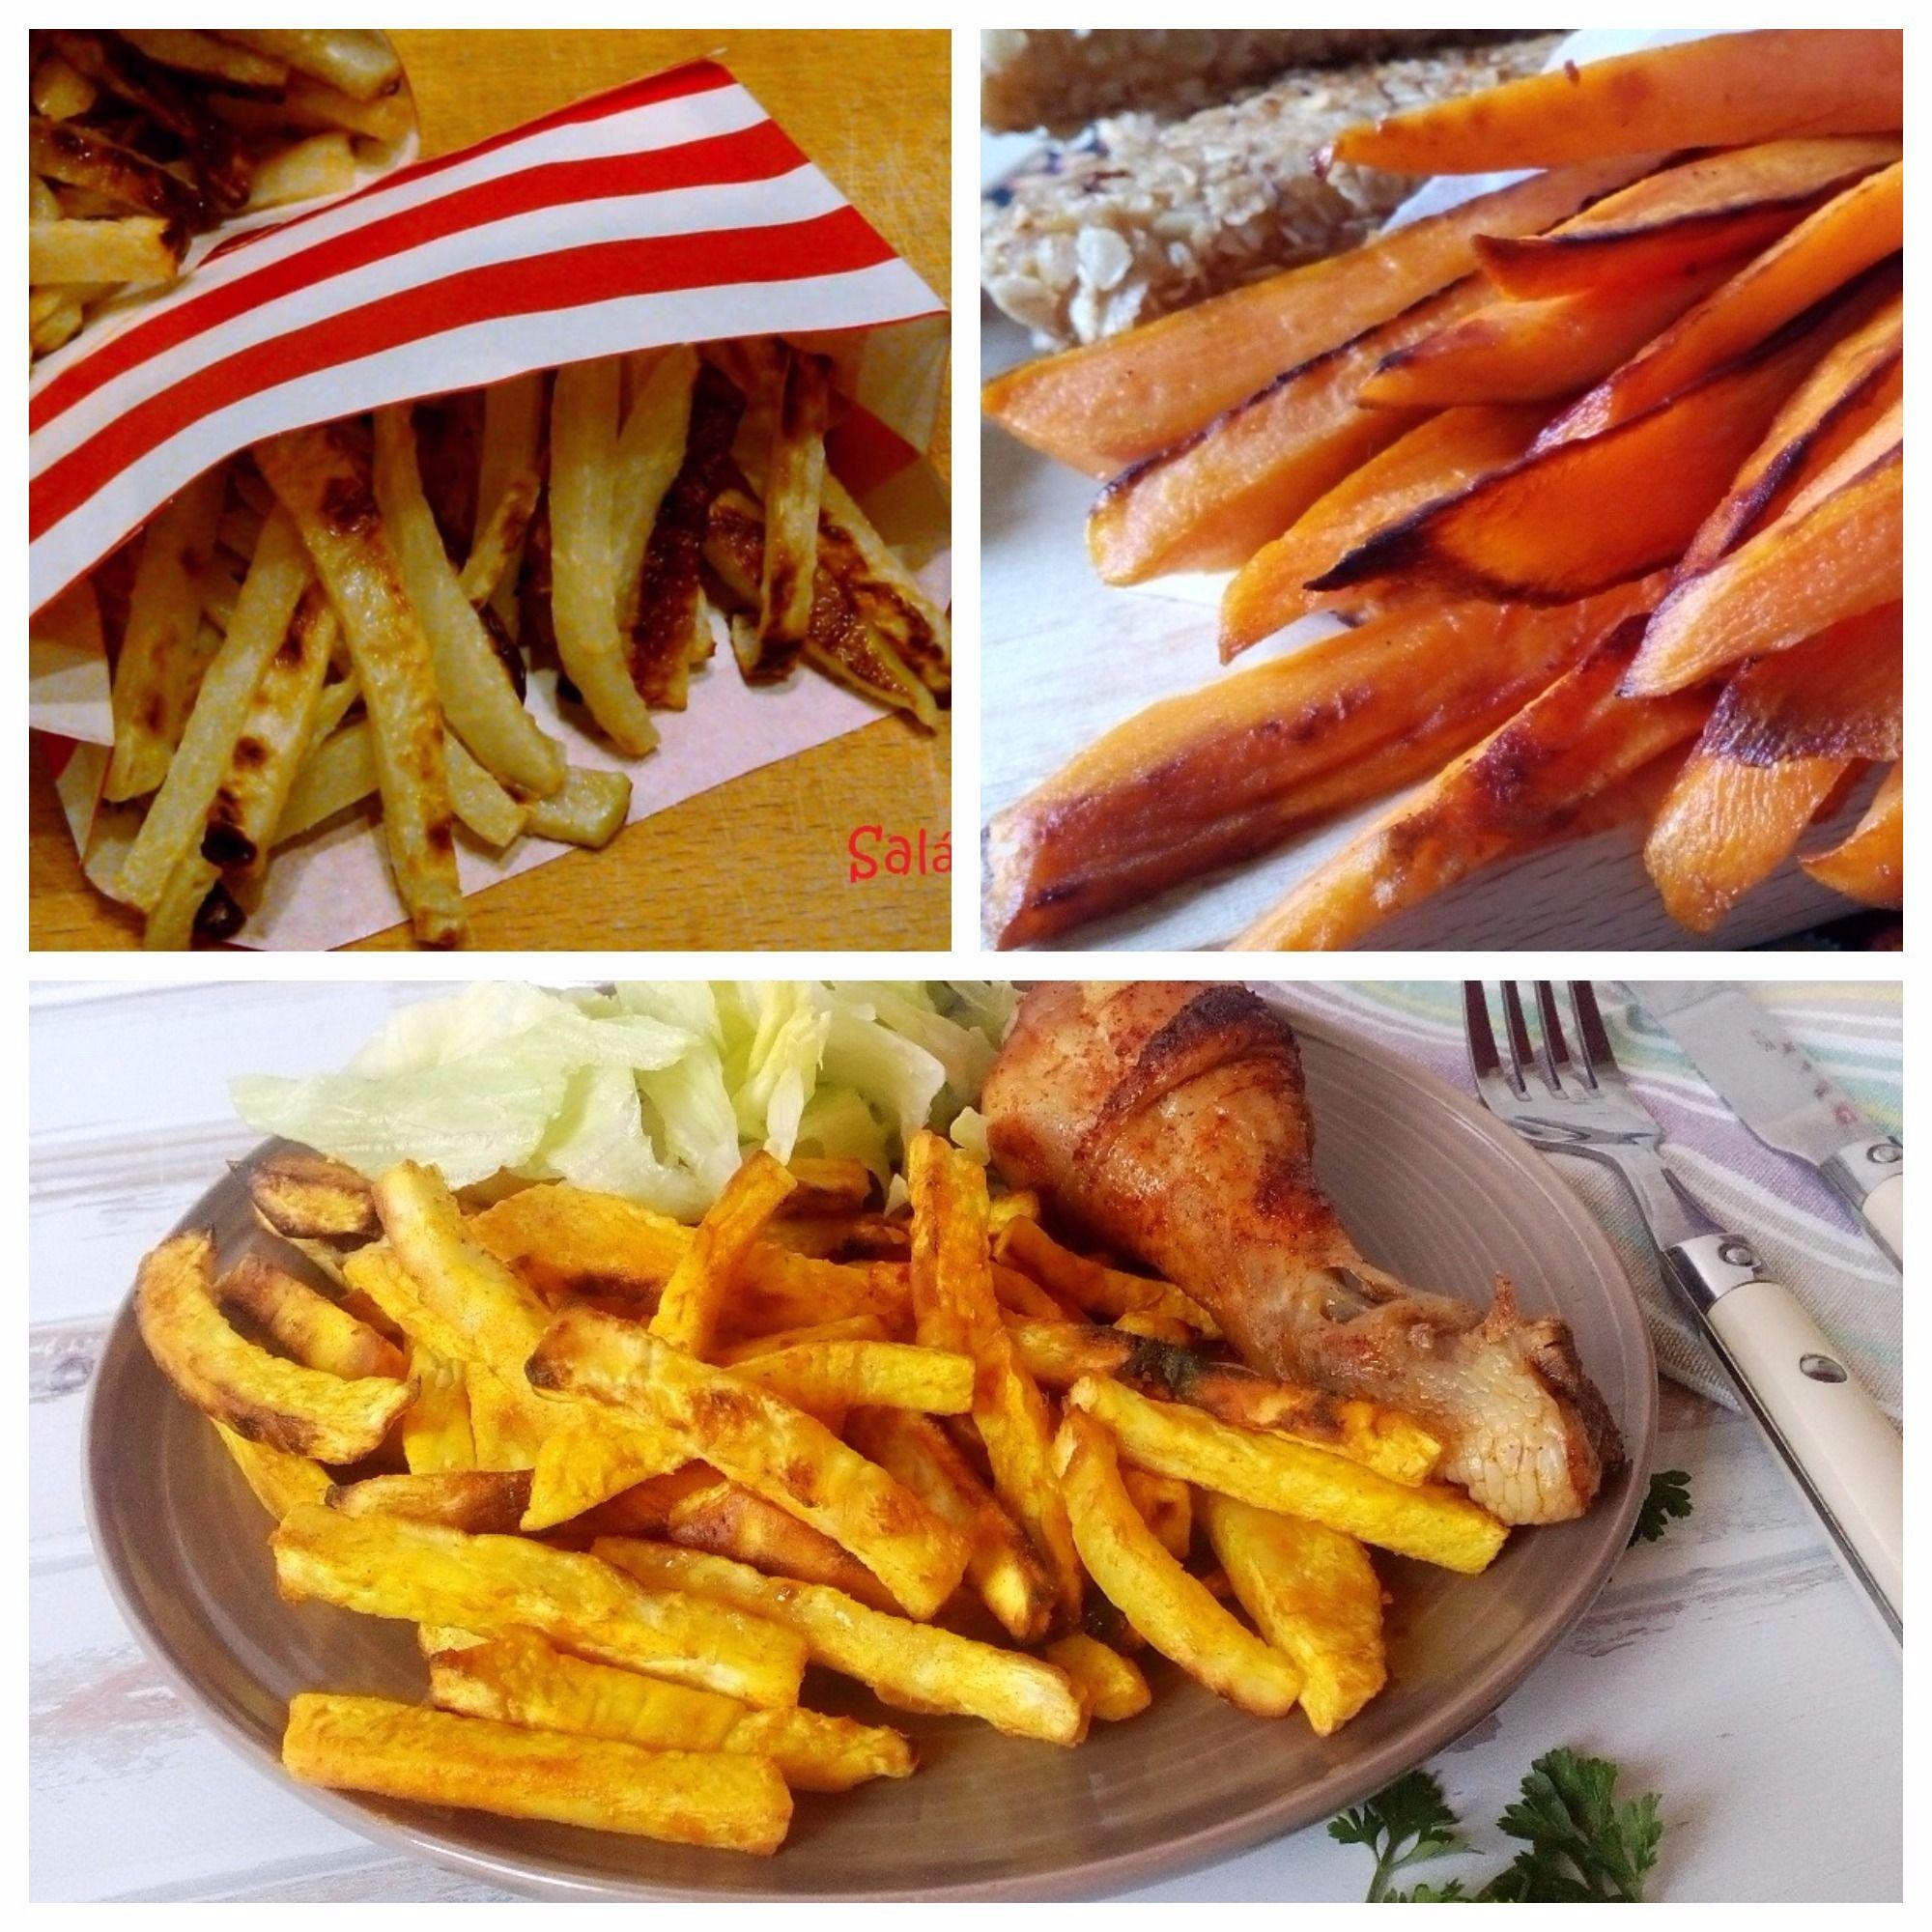 diétás receptek fogyókúrázóknak